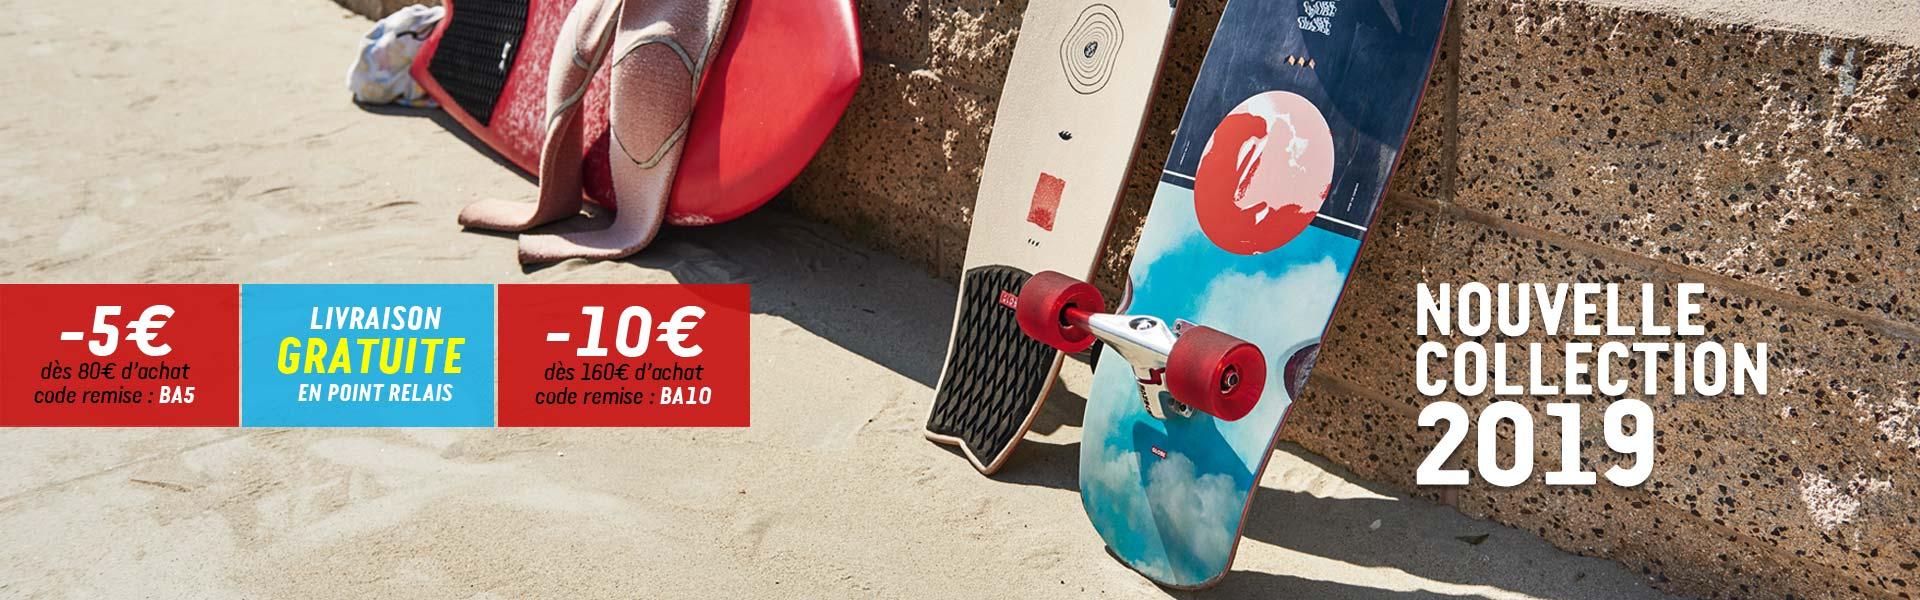 GLOBE France en exclusive 2009 Boutique depuis bf7y6gvY